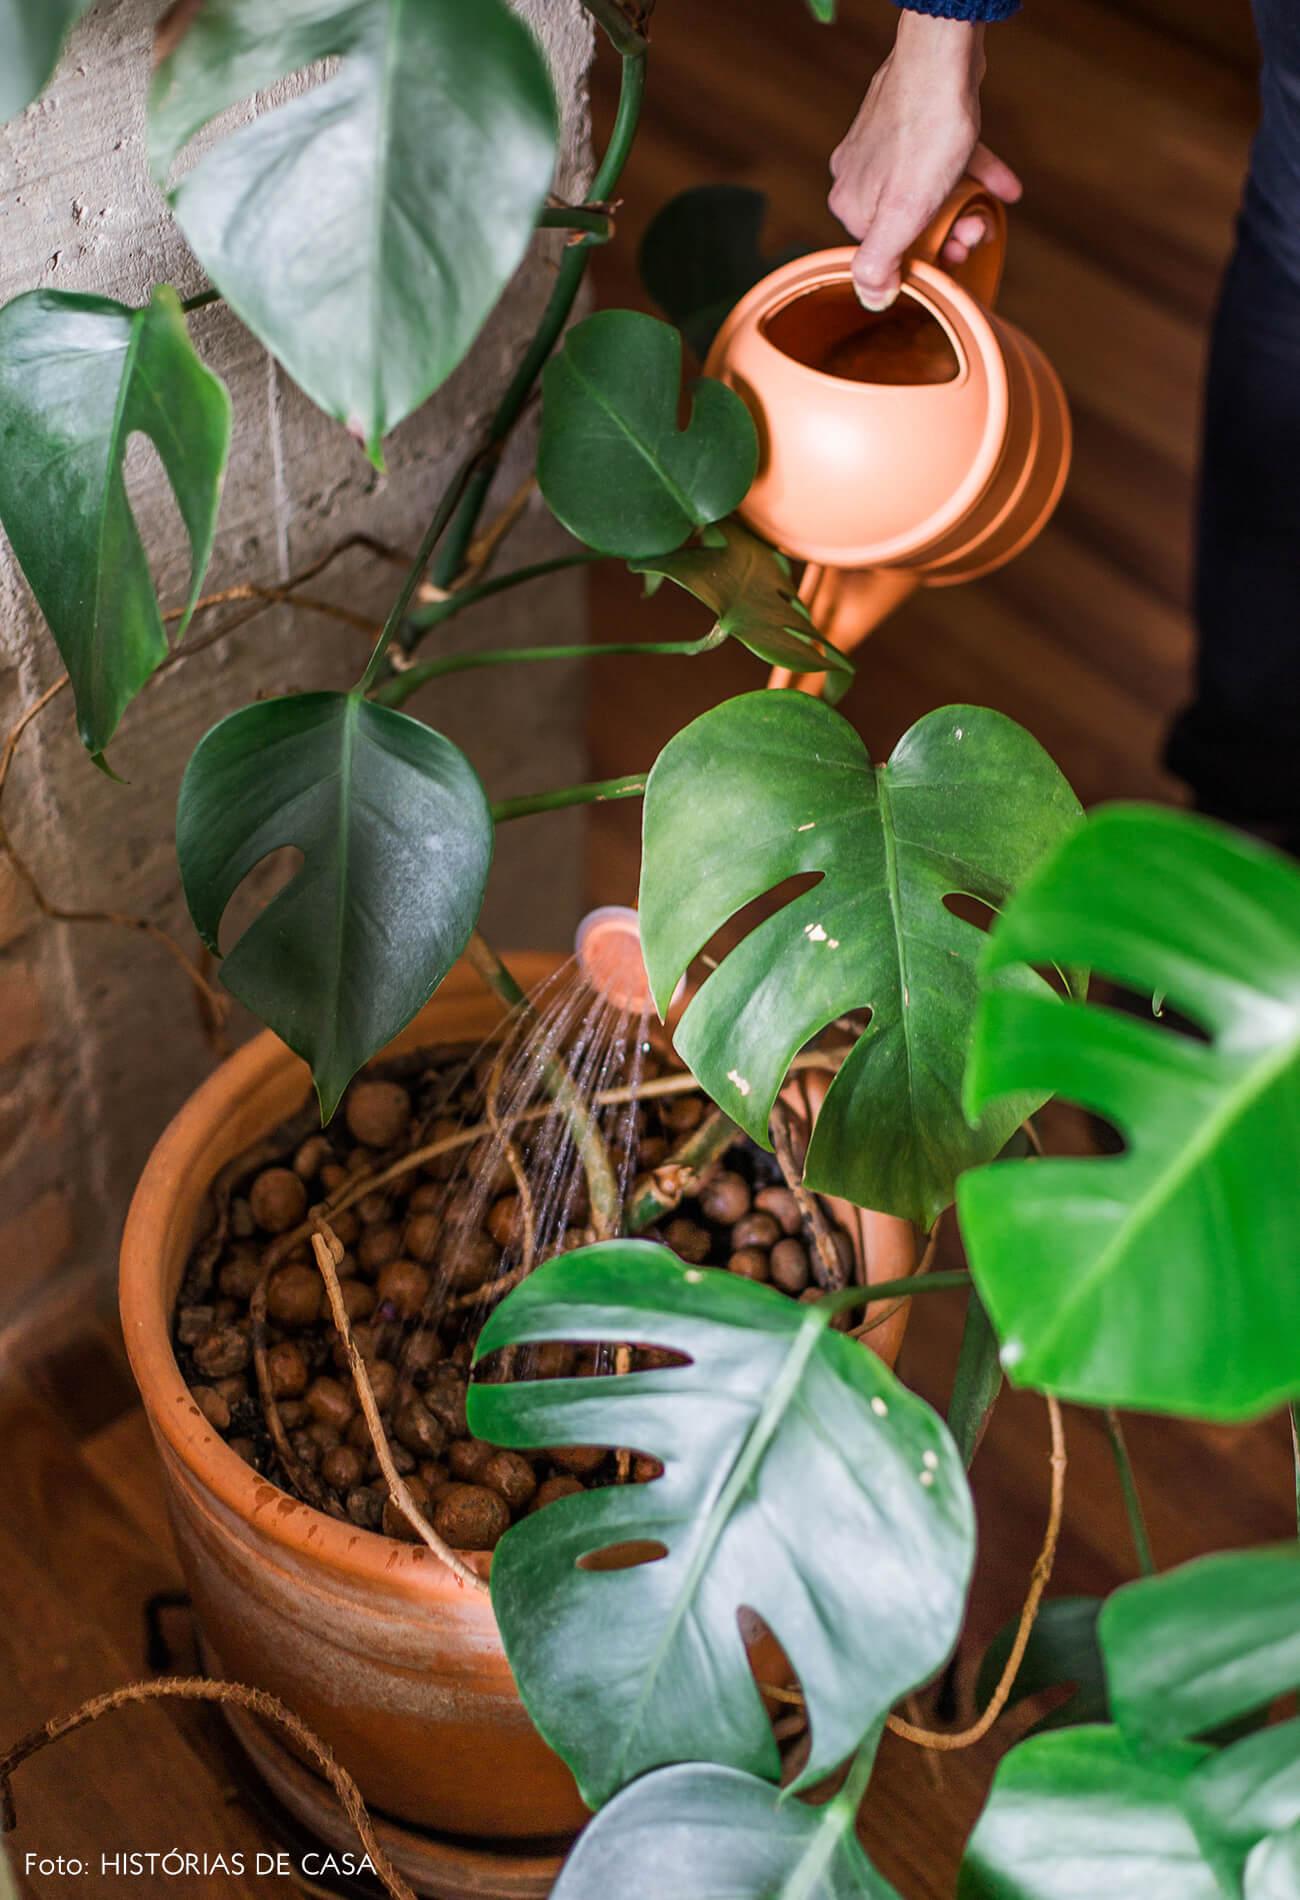 Apartamento com plantas, costela-de-adão